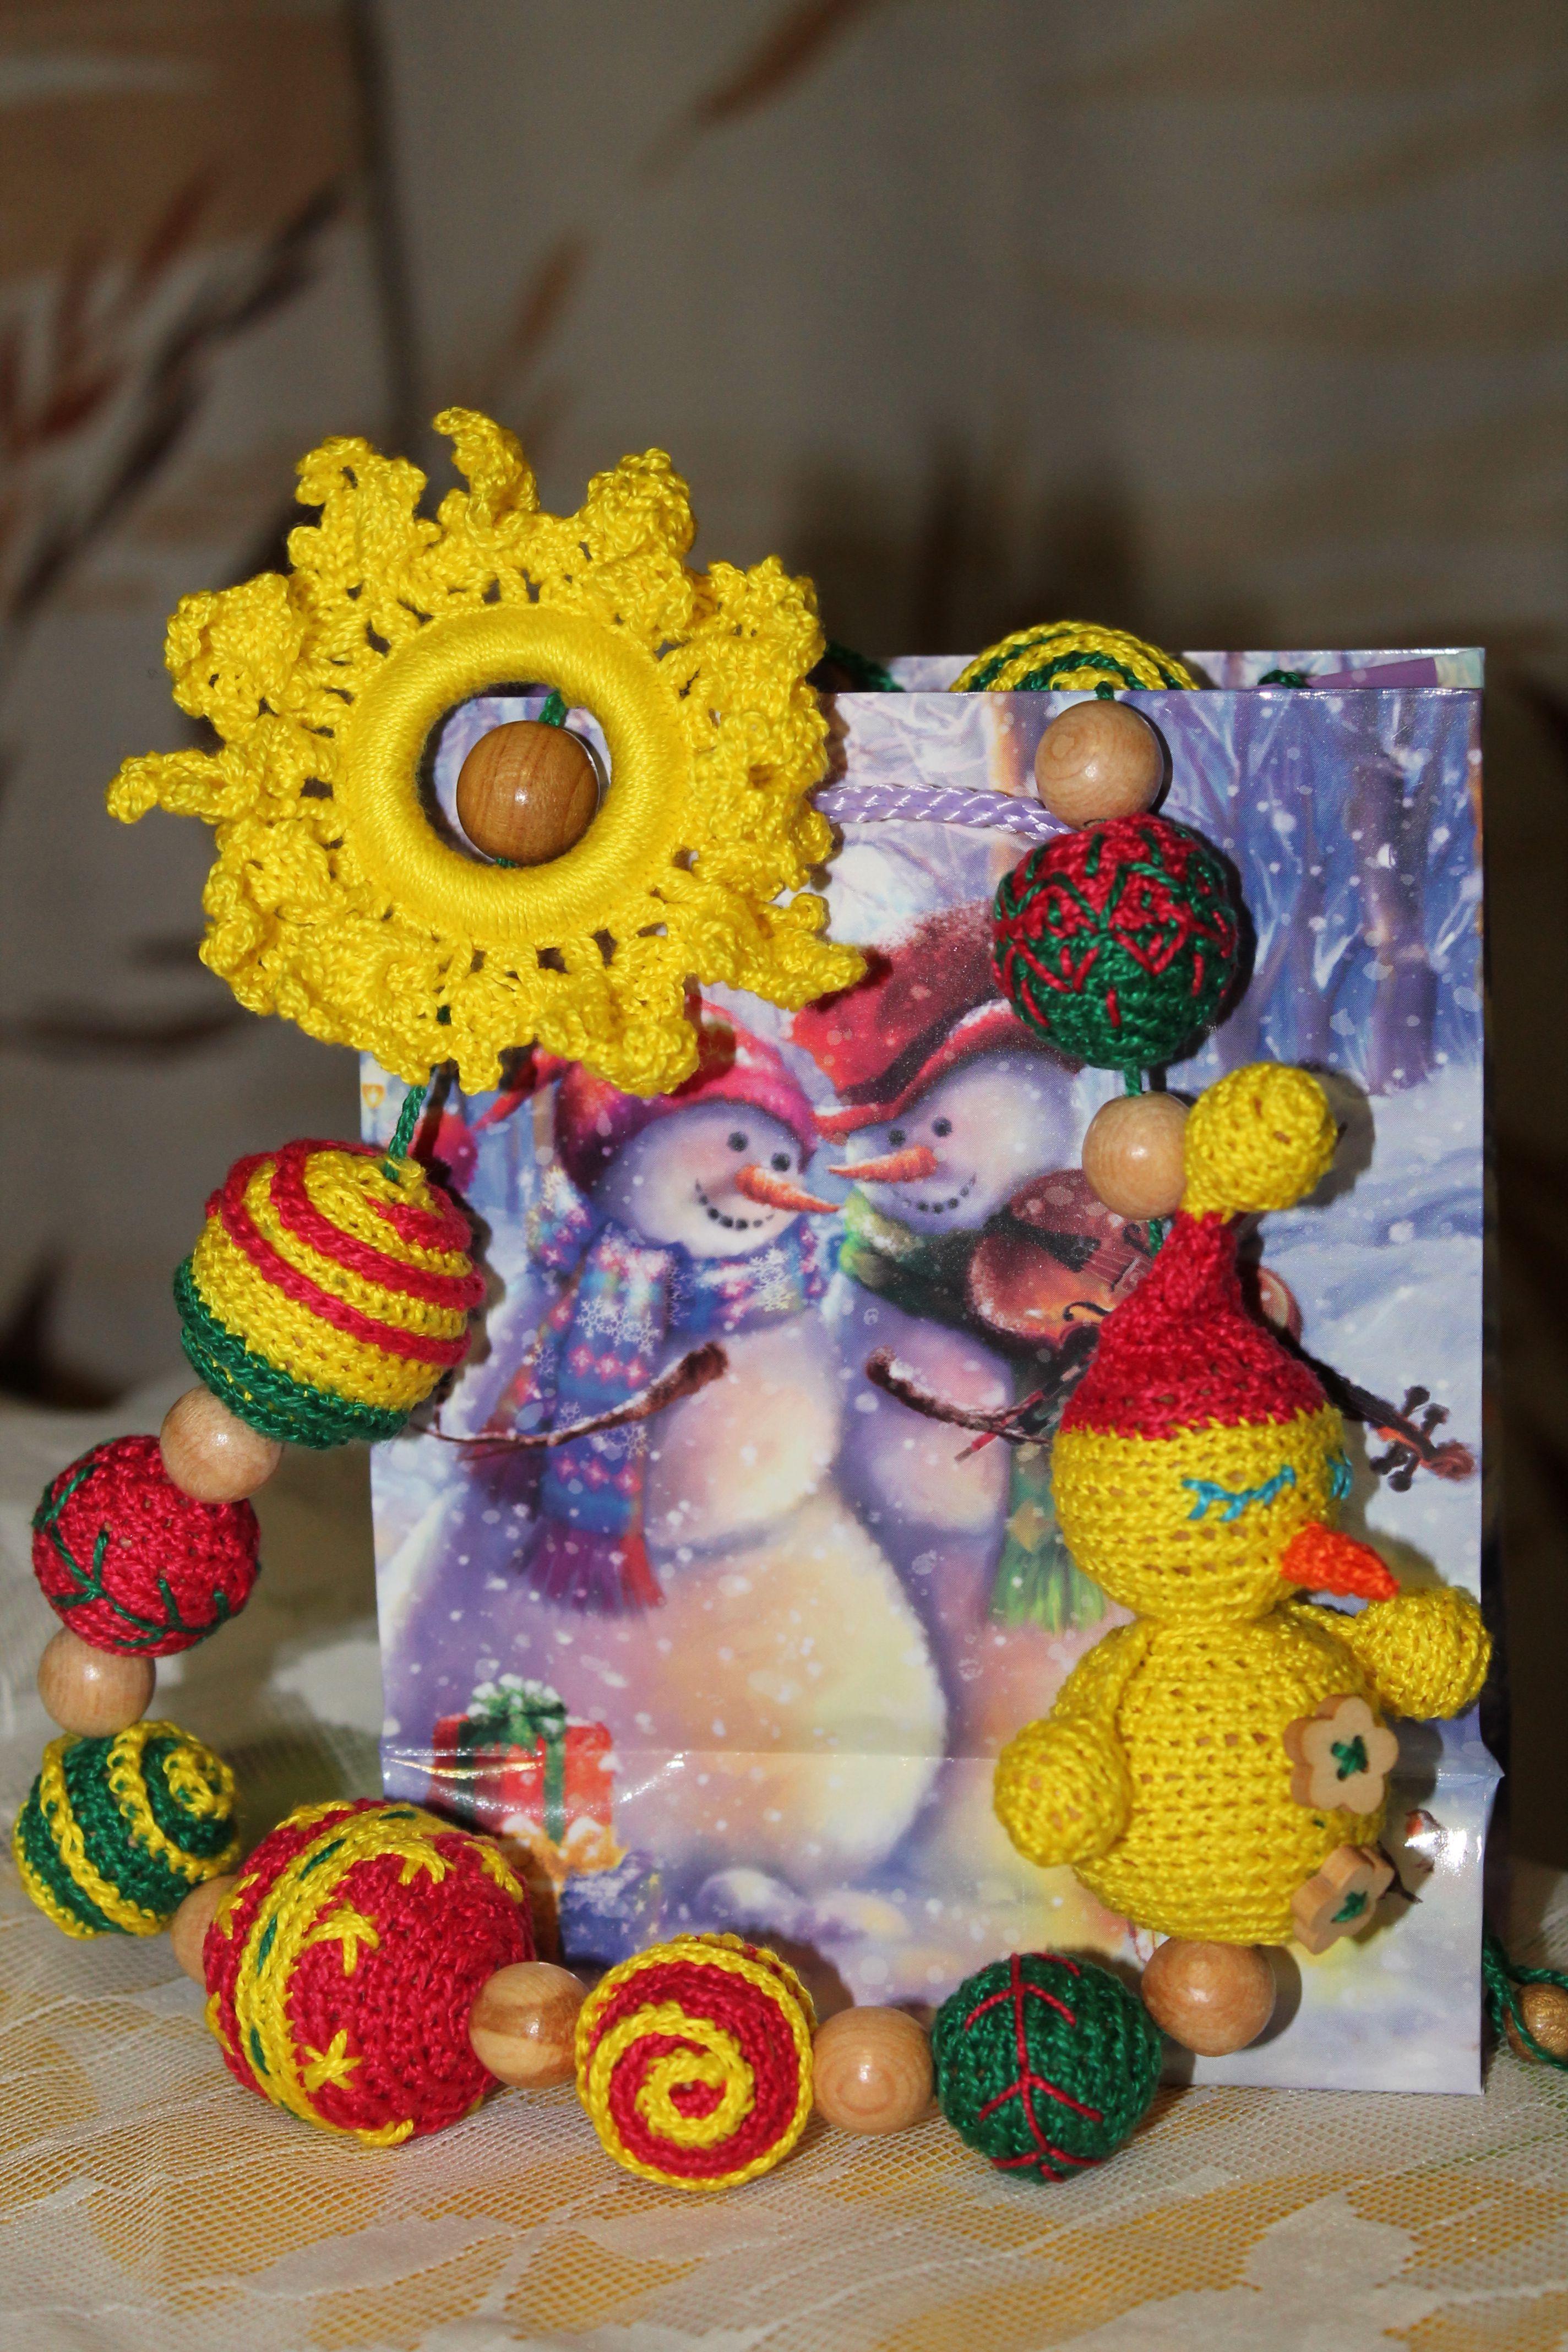 мамабусы новыйгод снеговик жевательныебусы развивающаяигрушка деревянныебусы кормительныебусы слингобусы вязанаяигрушка